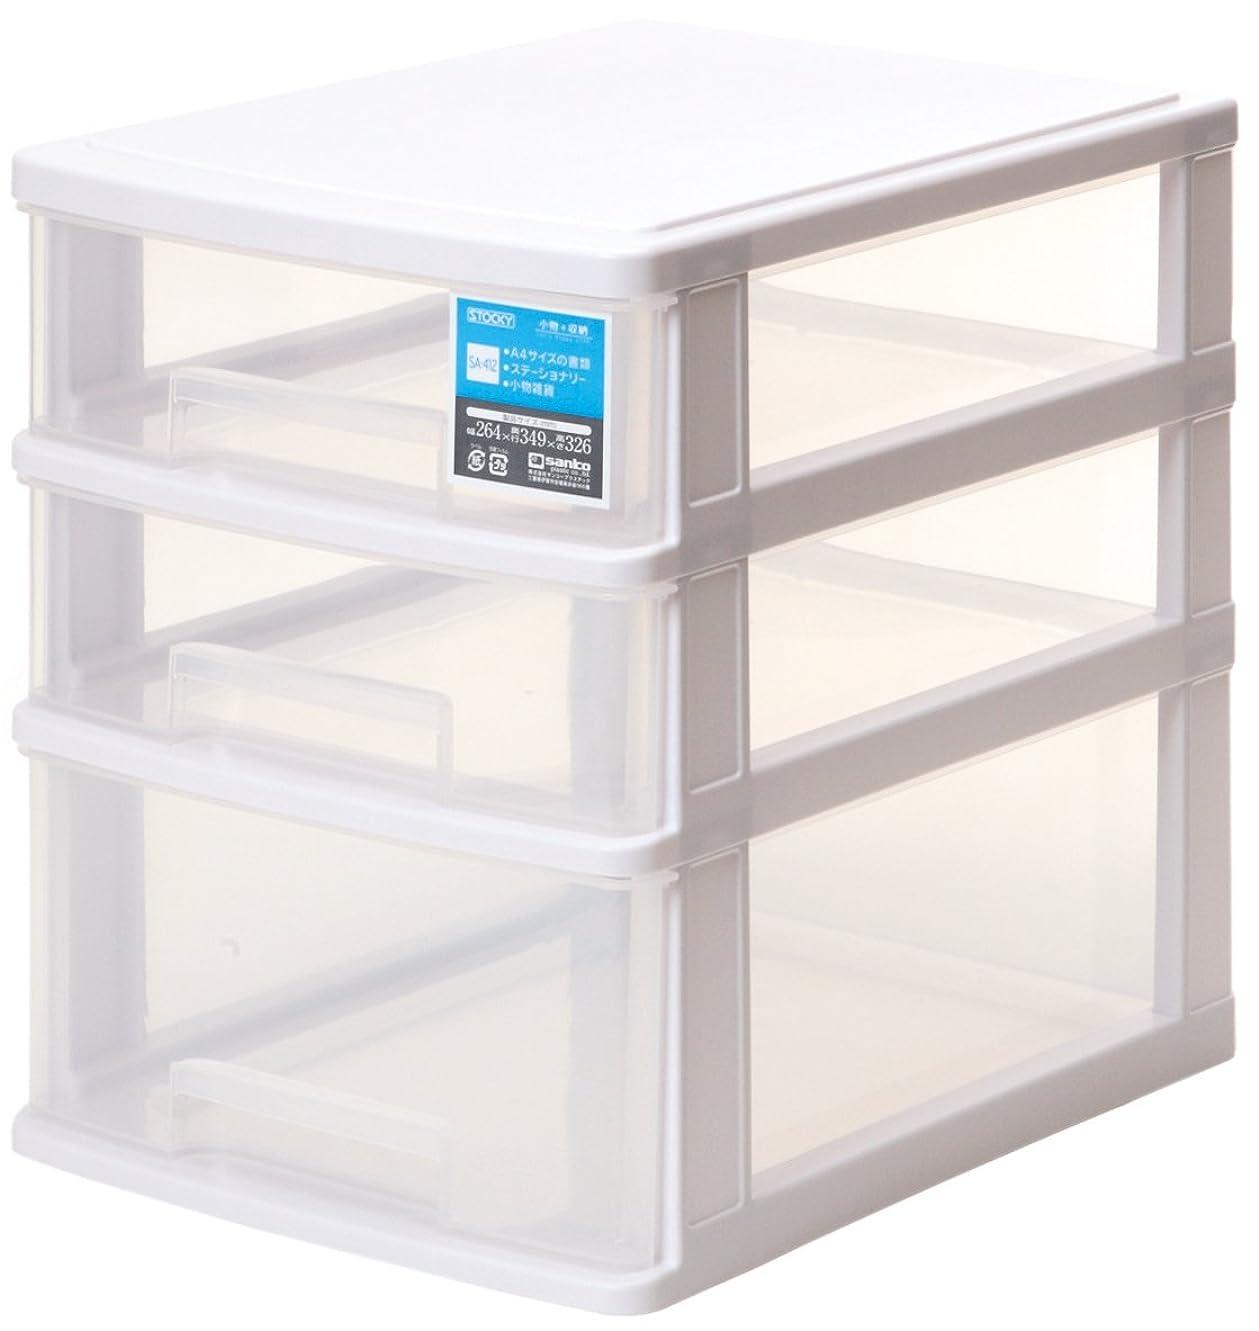 サンコープラスチック 小物収納3段 ストッキー 幅26.4×奥35×高32.6cm ホワイト